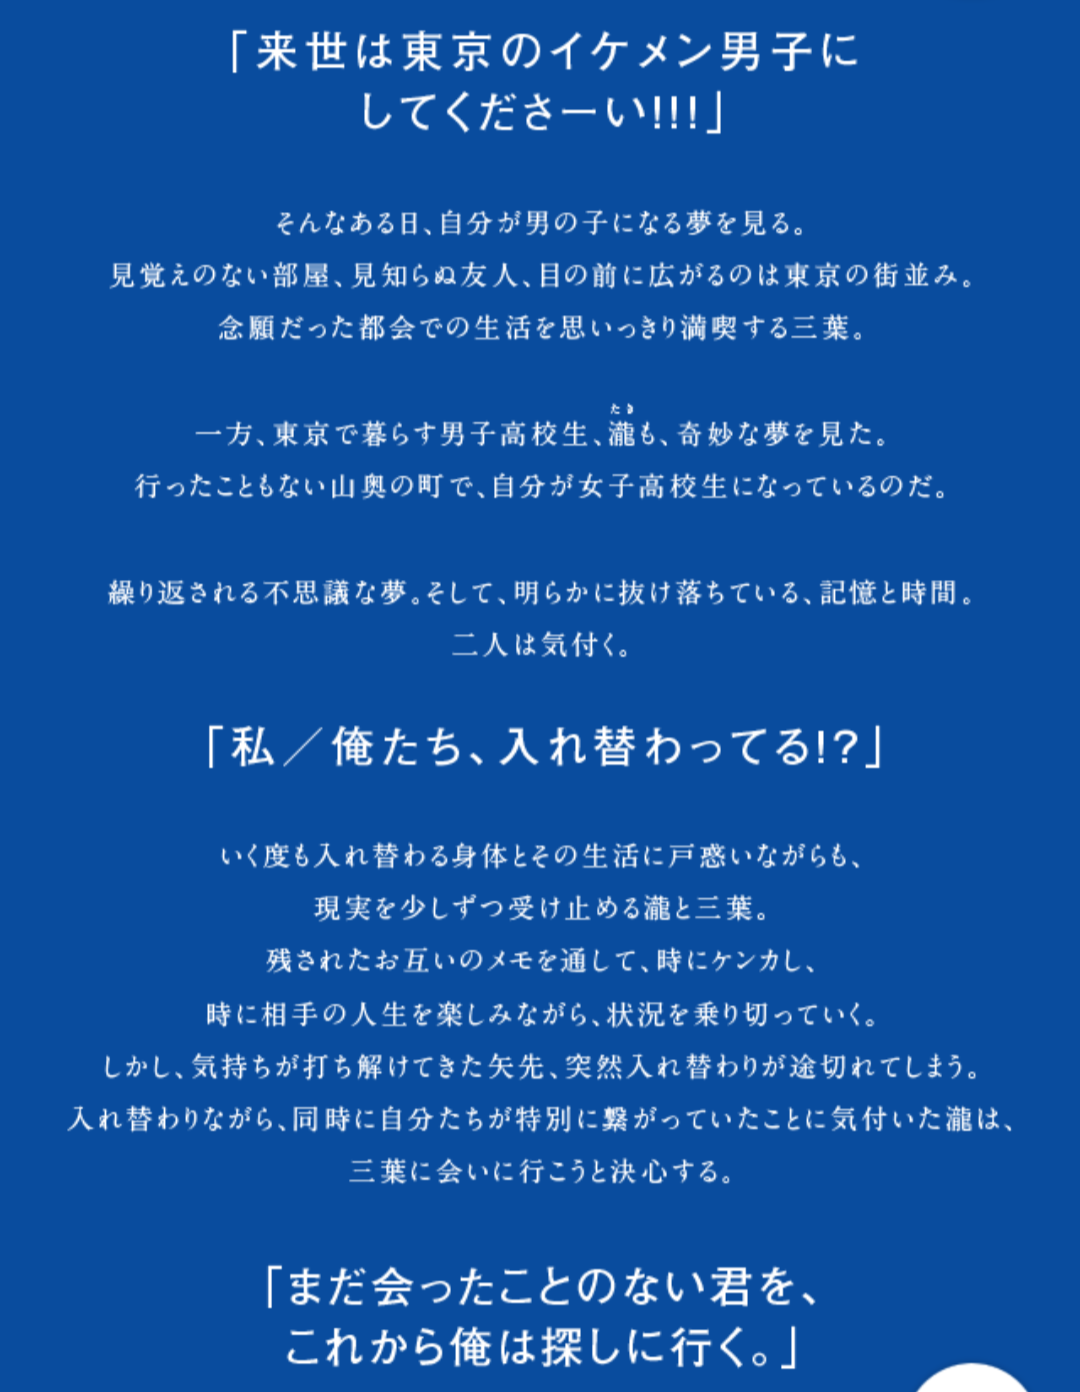 「ヒロインの集客力が無さすぎる」有吉弘行、フット岩尾と「君の名は。」を再現してしまう